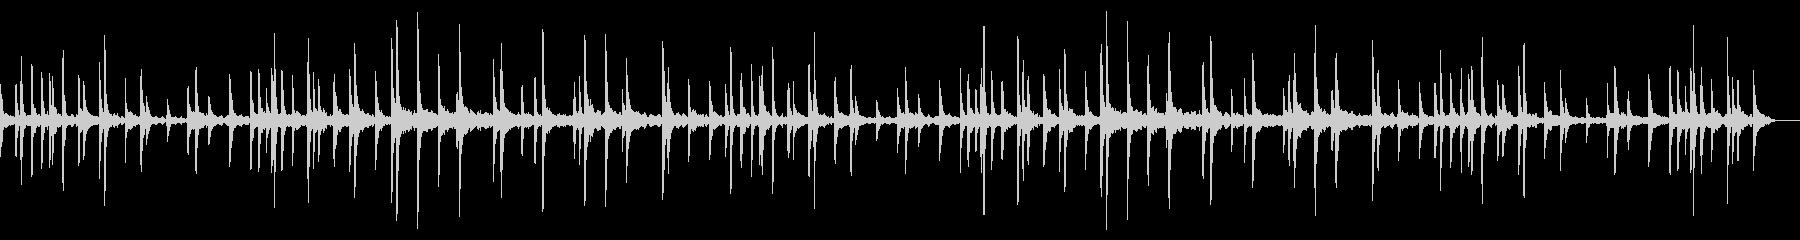 切ない雰囲気が広がるピアノサウンドの未再生の波形